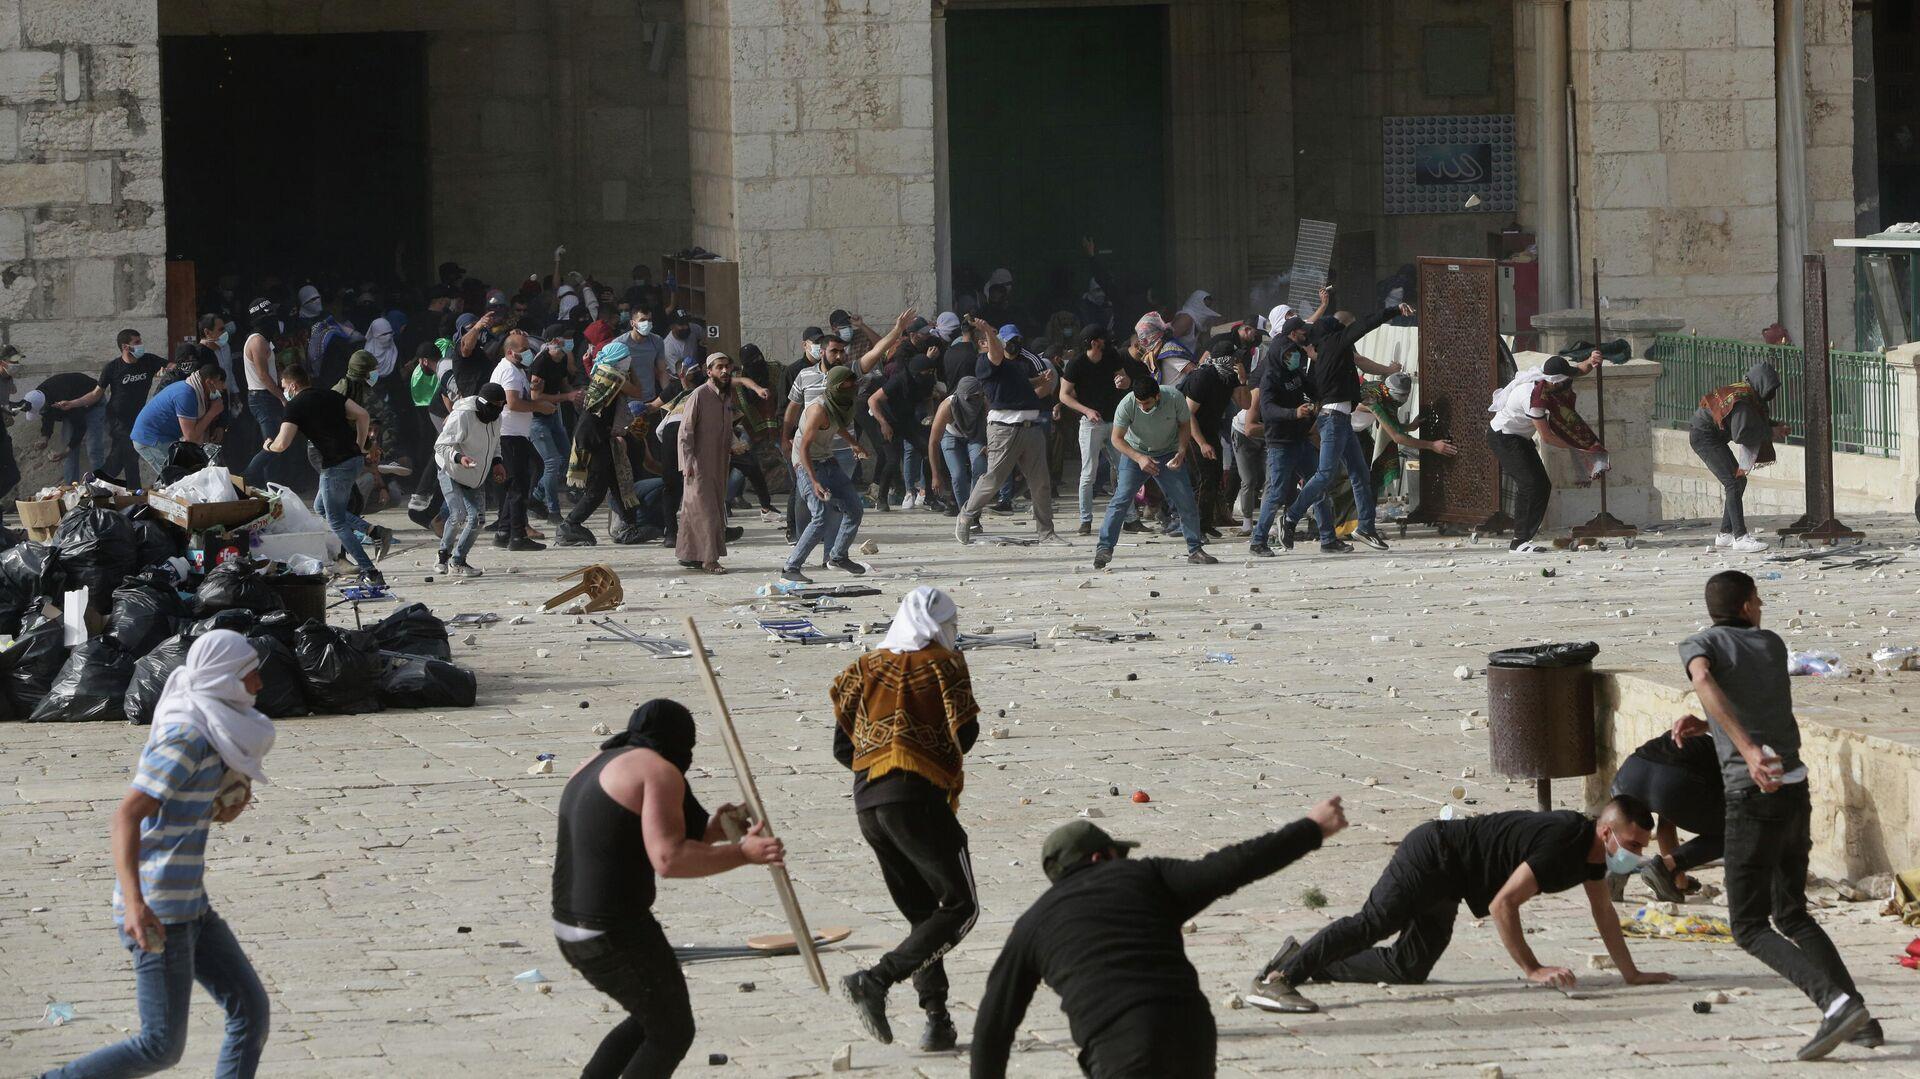 Столкновения возле мечети Аль-Акса в Иерусалиме, Израиль. 10 мая 2021 - РИА Новости, 1920, 12.05.2021